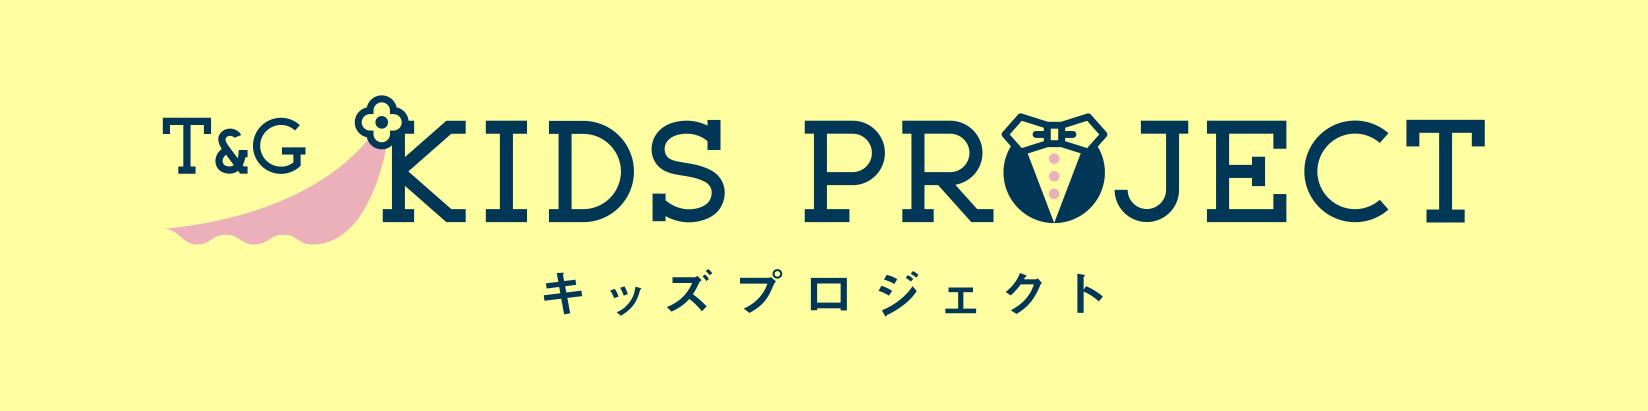 【開催報告】<br /> 全国26会場で開催 親子で参加する体験型イベント<br /> 『T&Gキッズプロジェクト』